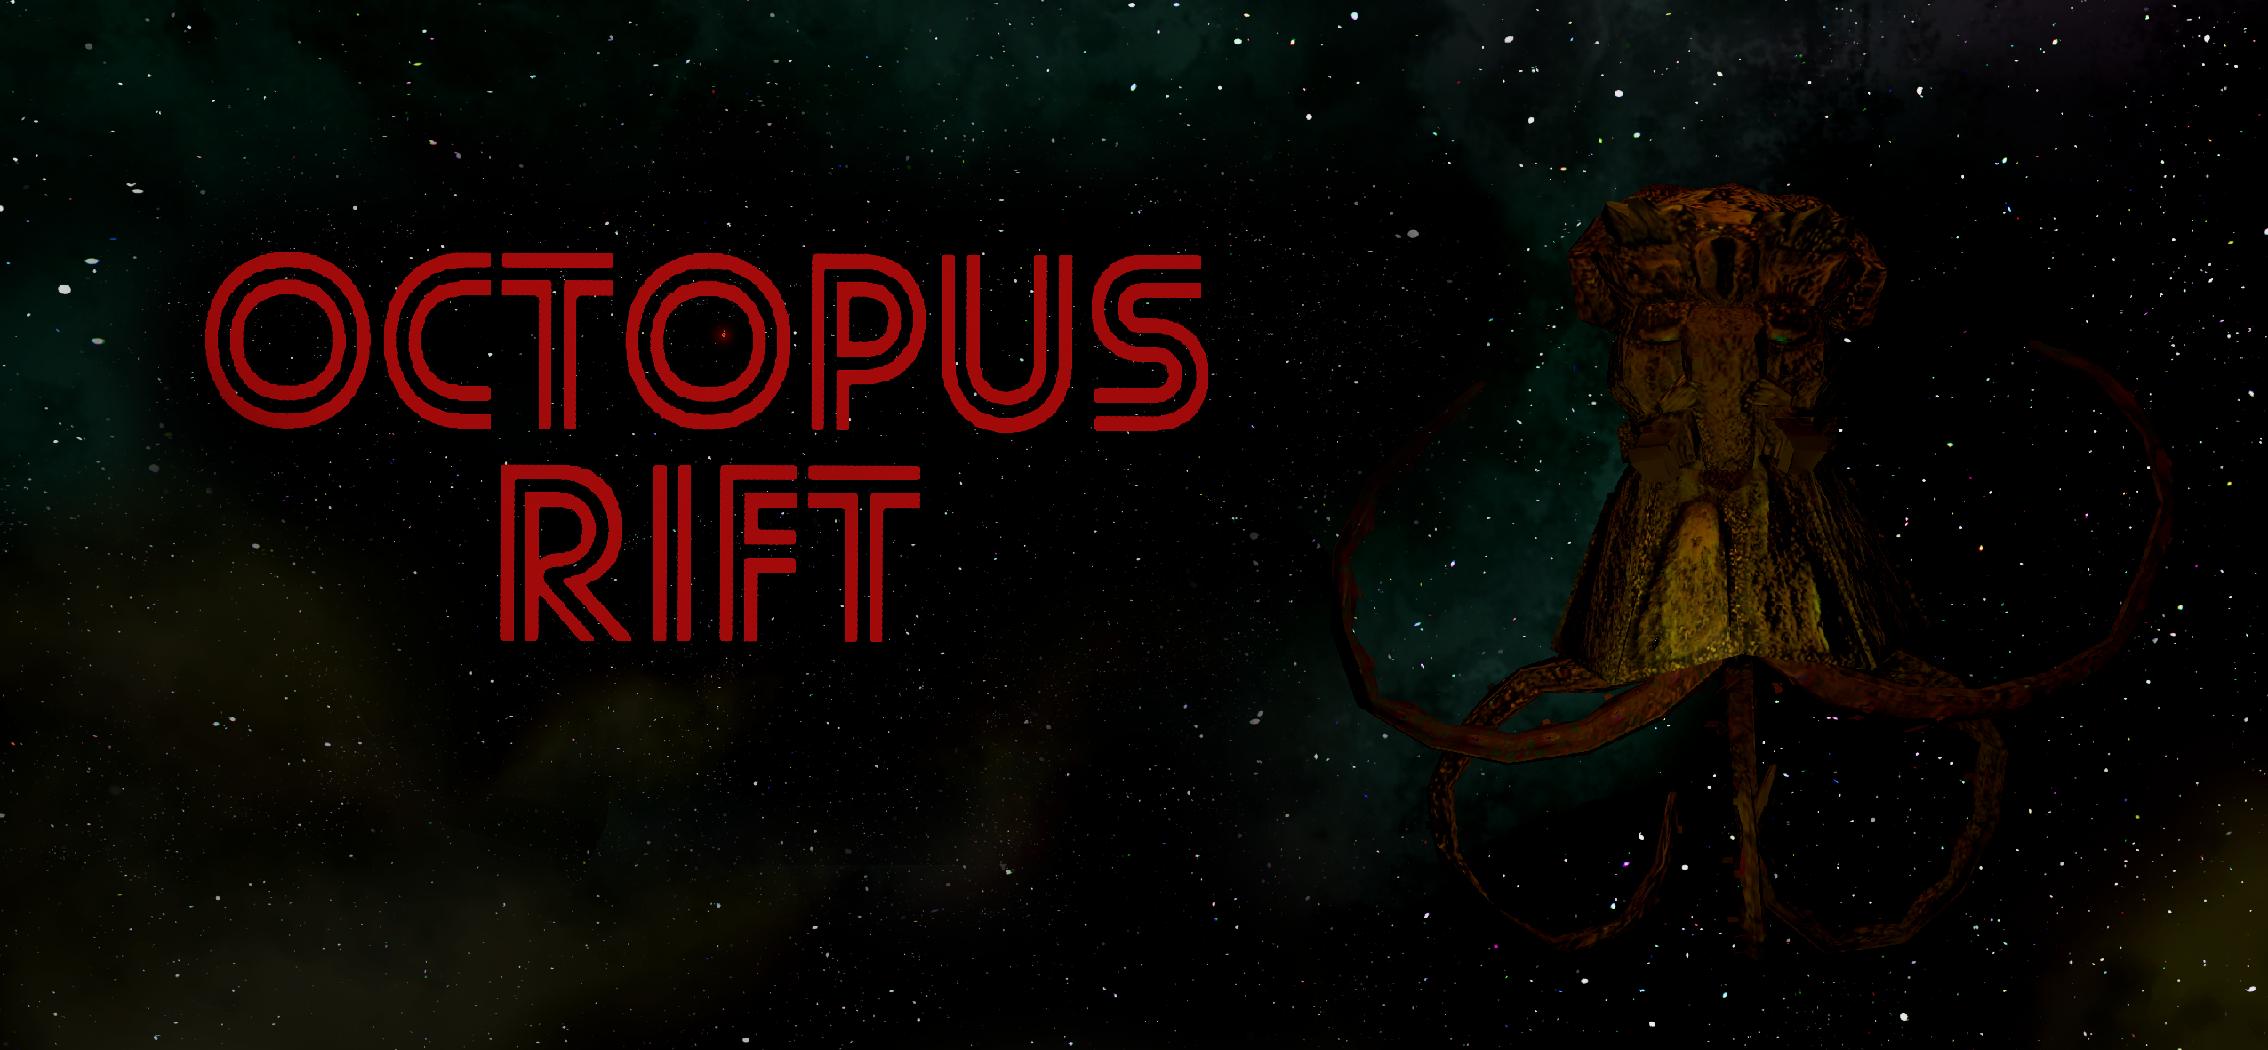 Octopus Rift